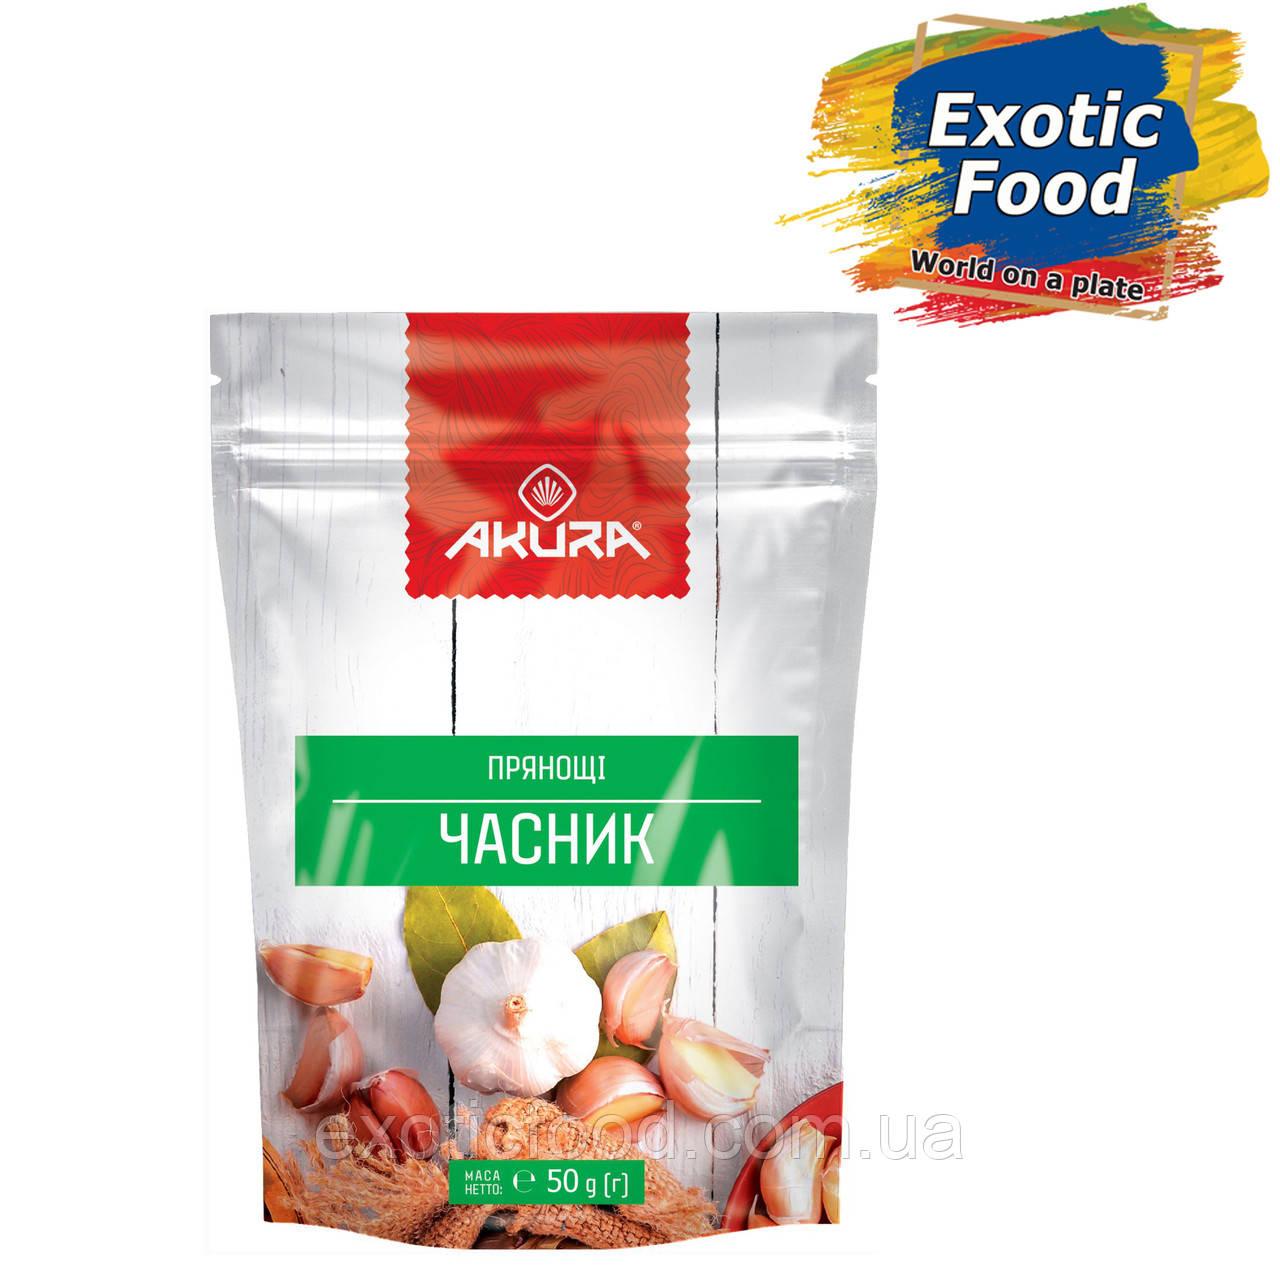 """Часник гранульований 50 г ТМ """"AKURA"""""""